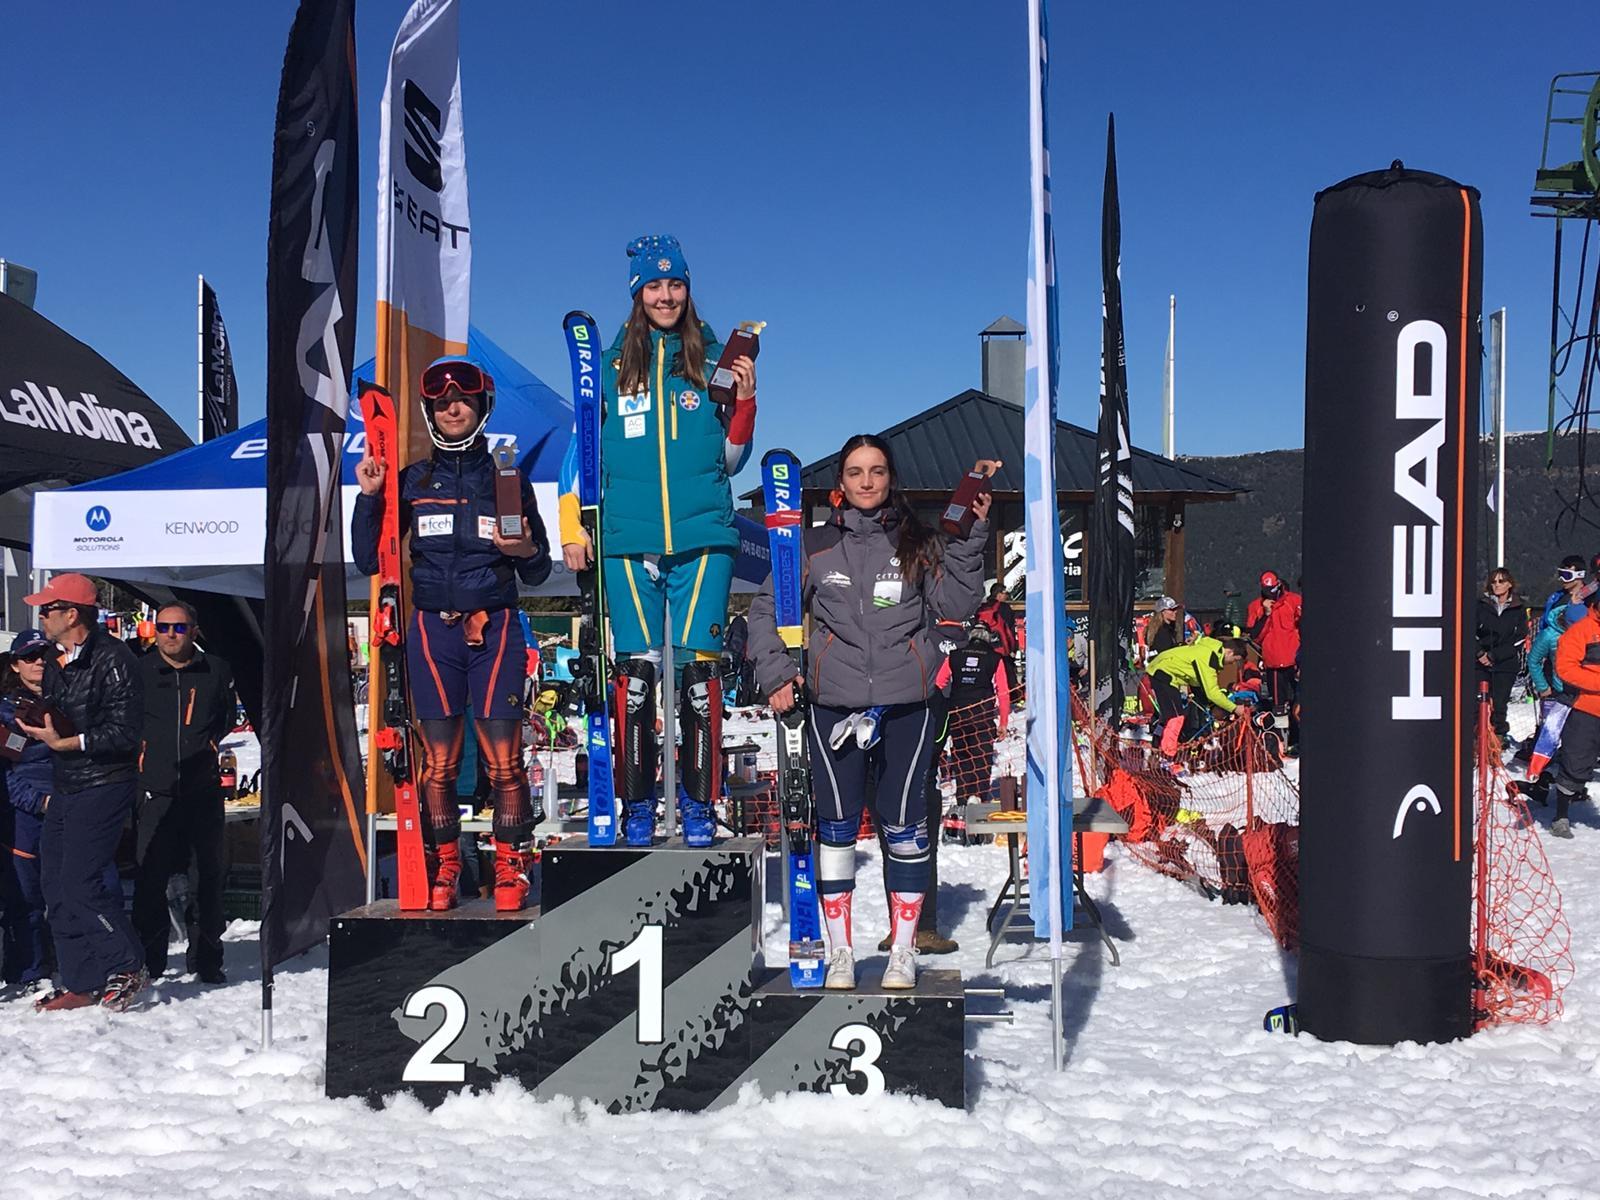 Buenos resultados del CETDI SN Alpino en La Molina